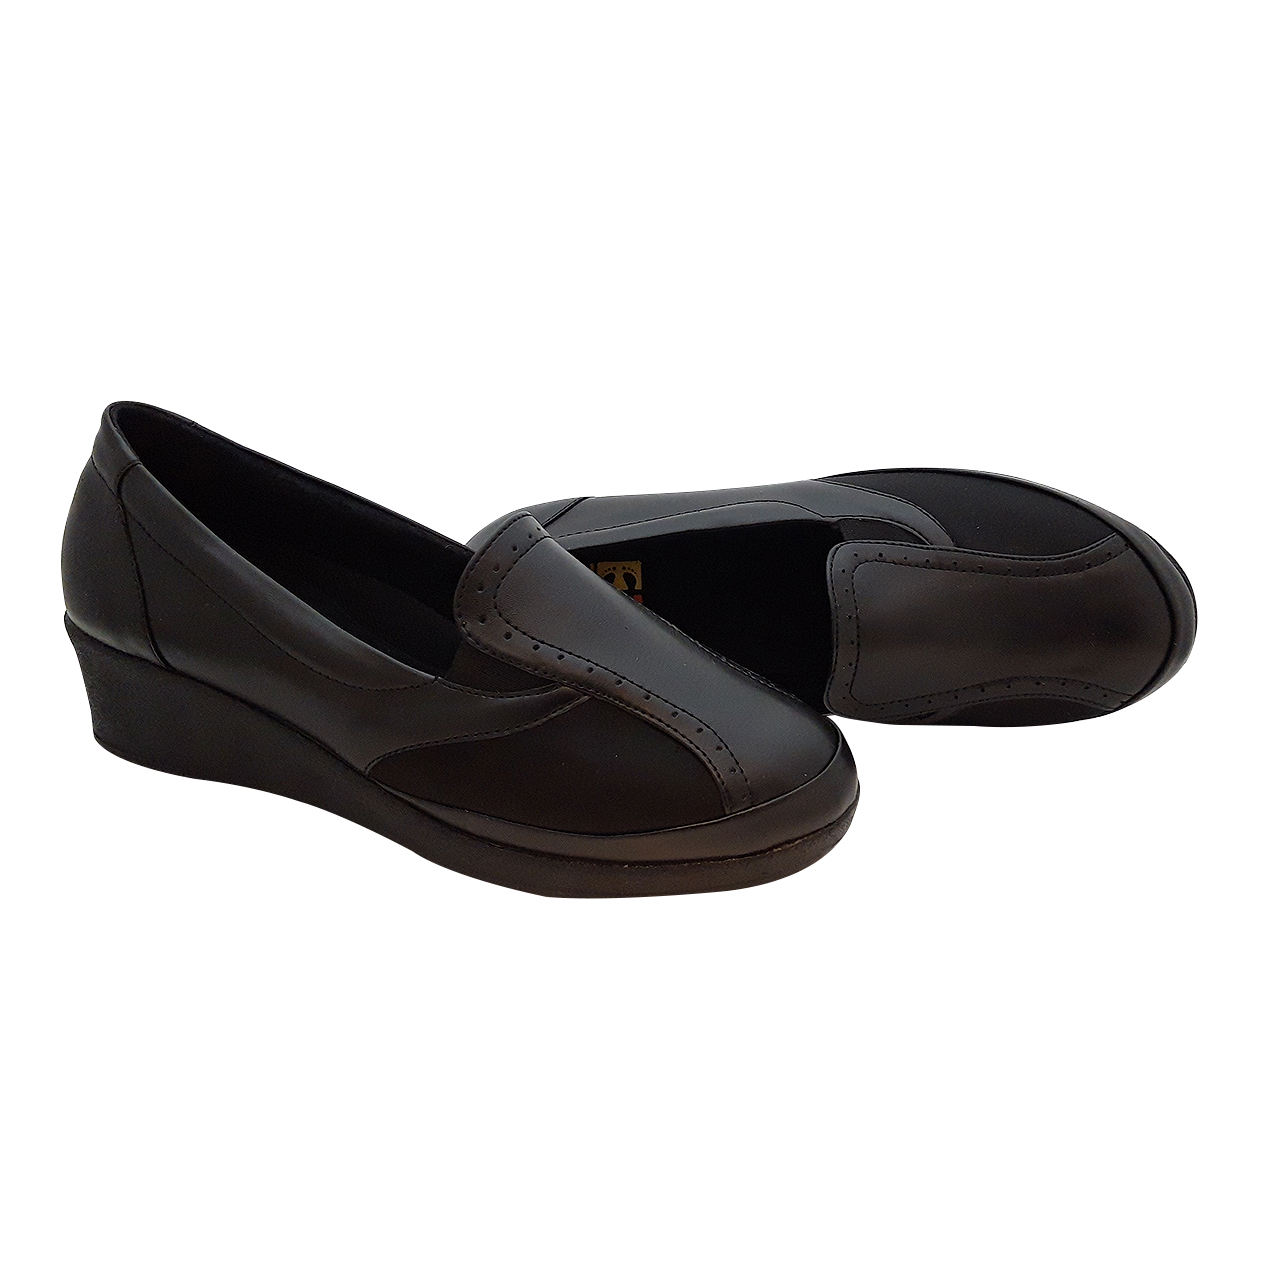 کفش زنانه پاتکان مدل 613 کد 01 -  - 1